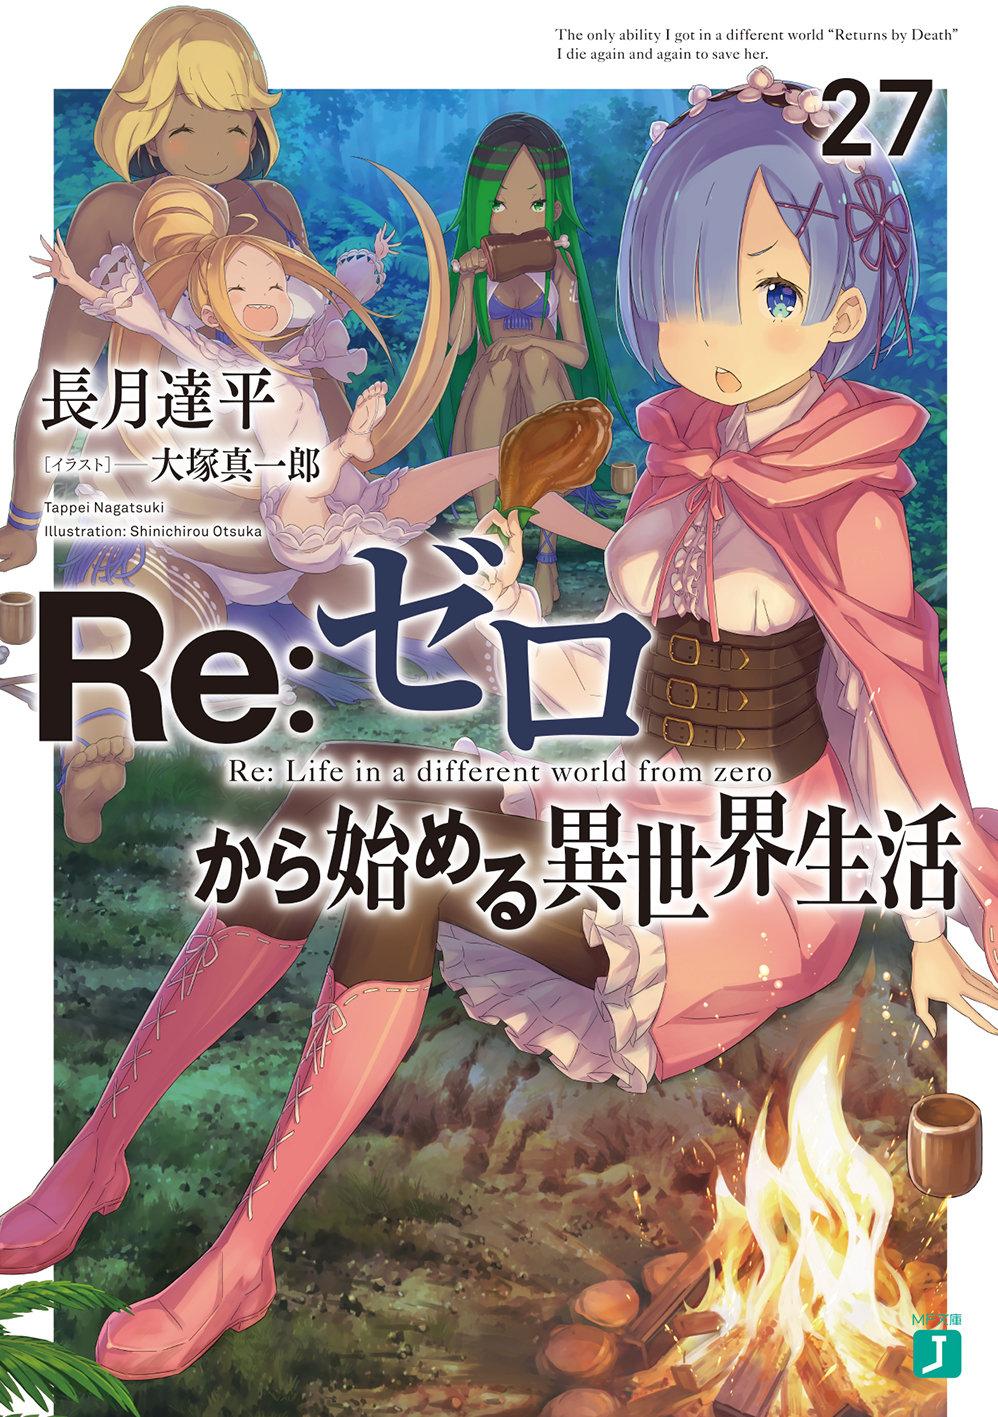 rezero27.jpg